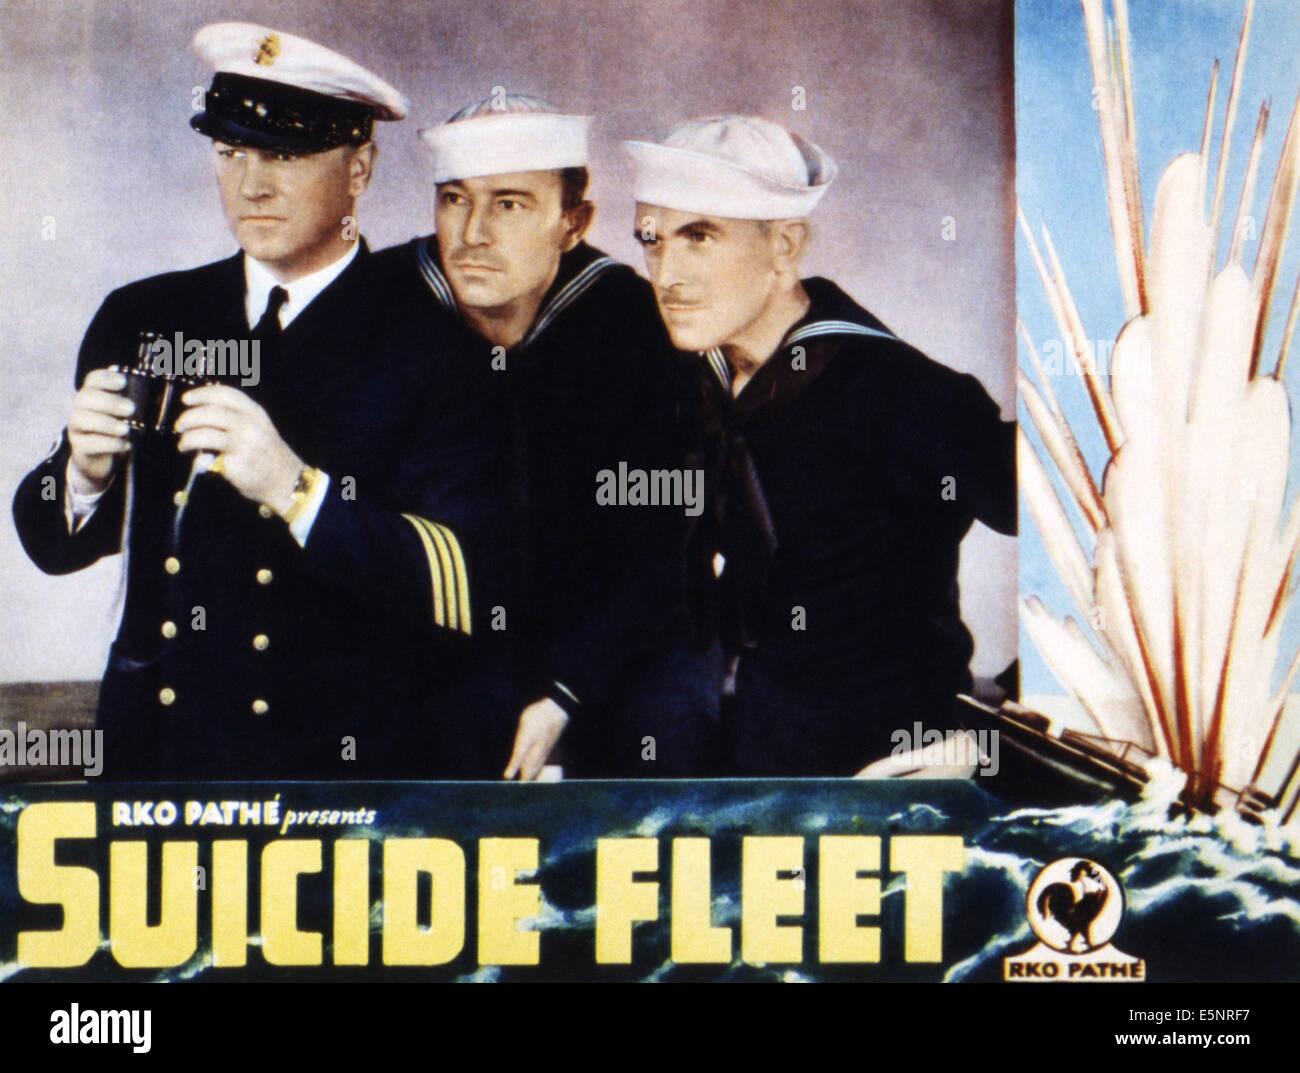 suicide-fleet-william-boyd-robert-armstr